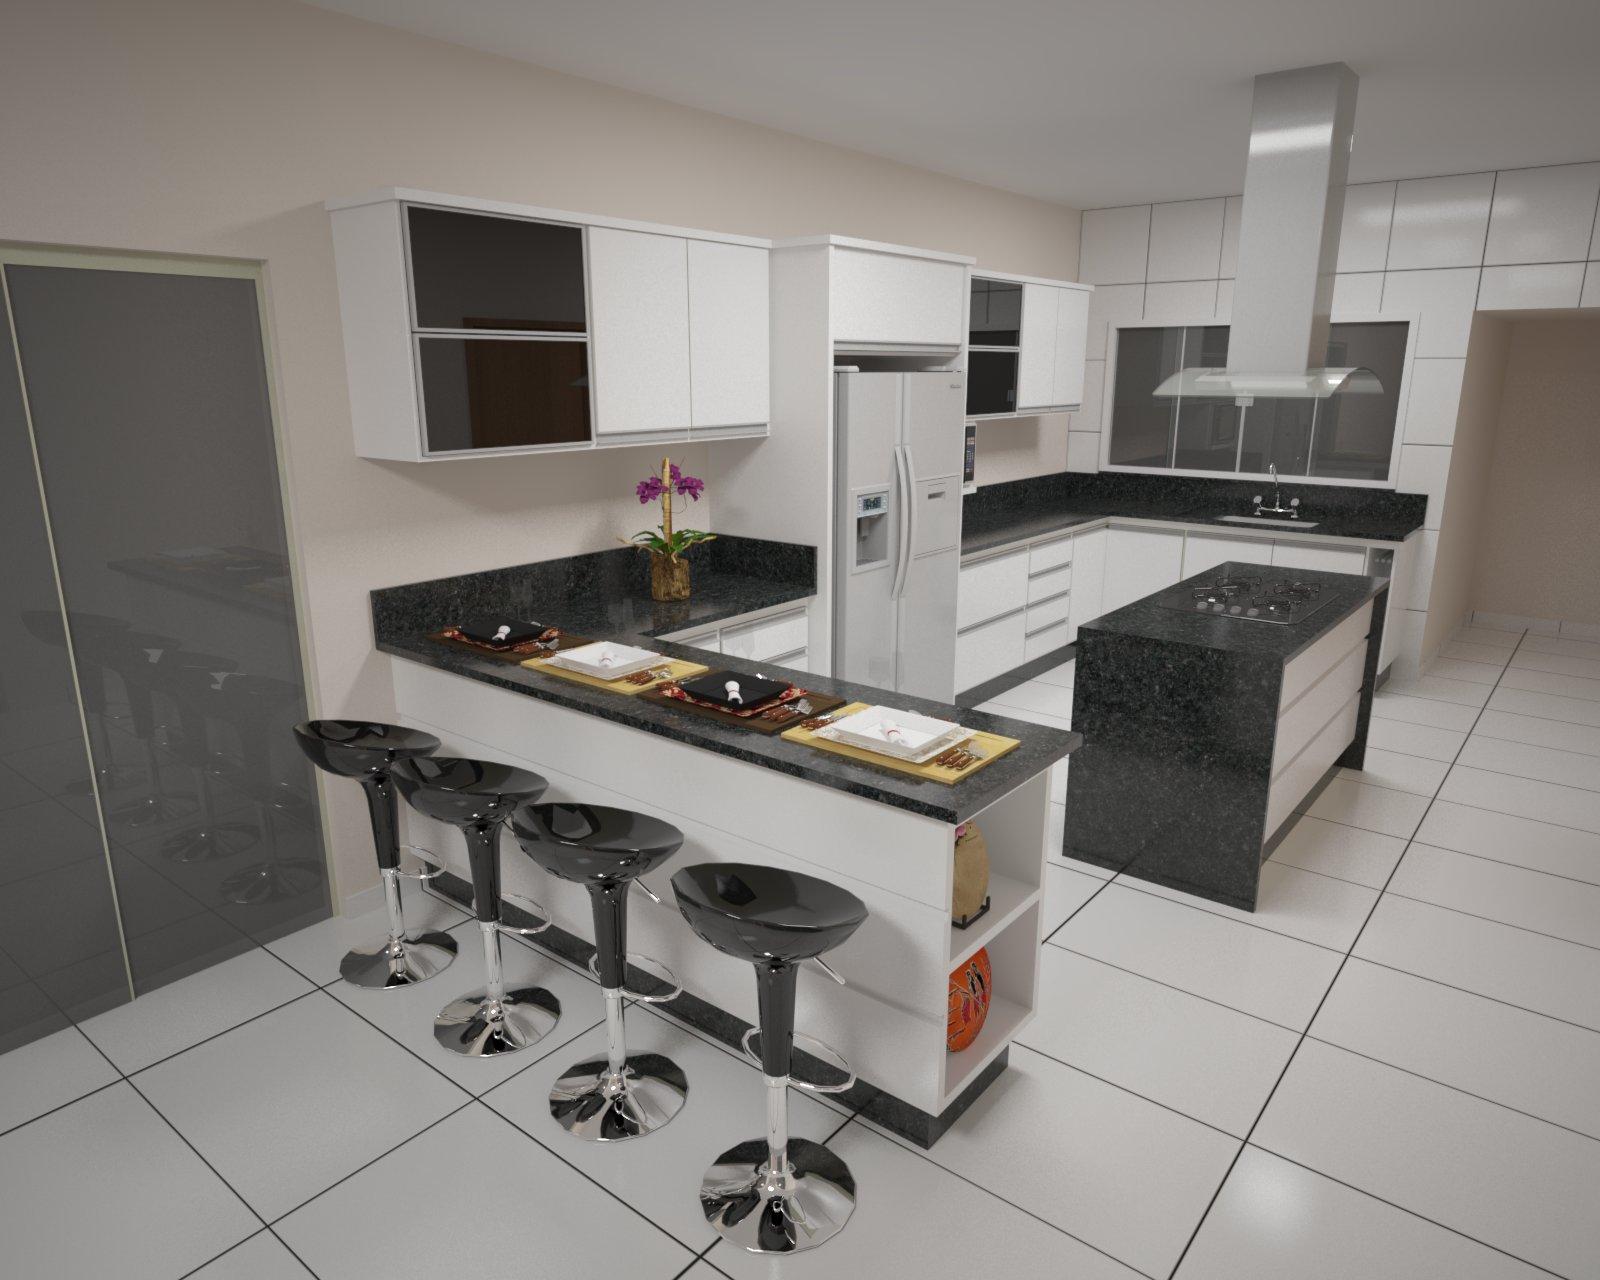 Projetos 3D para Marcenaria: Projetos Cozinhas #475C25 1600 1280